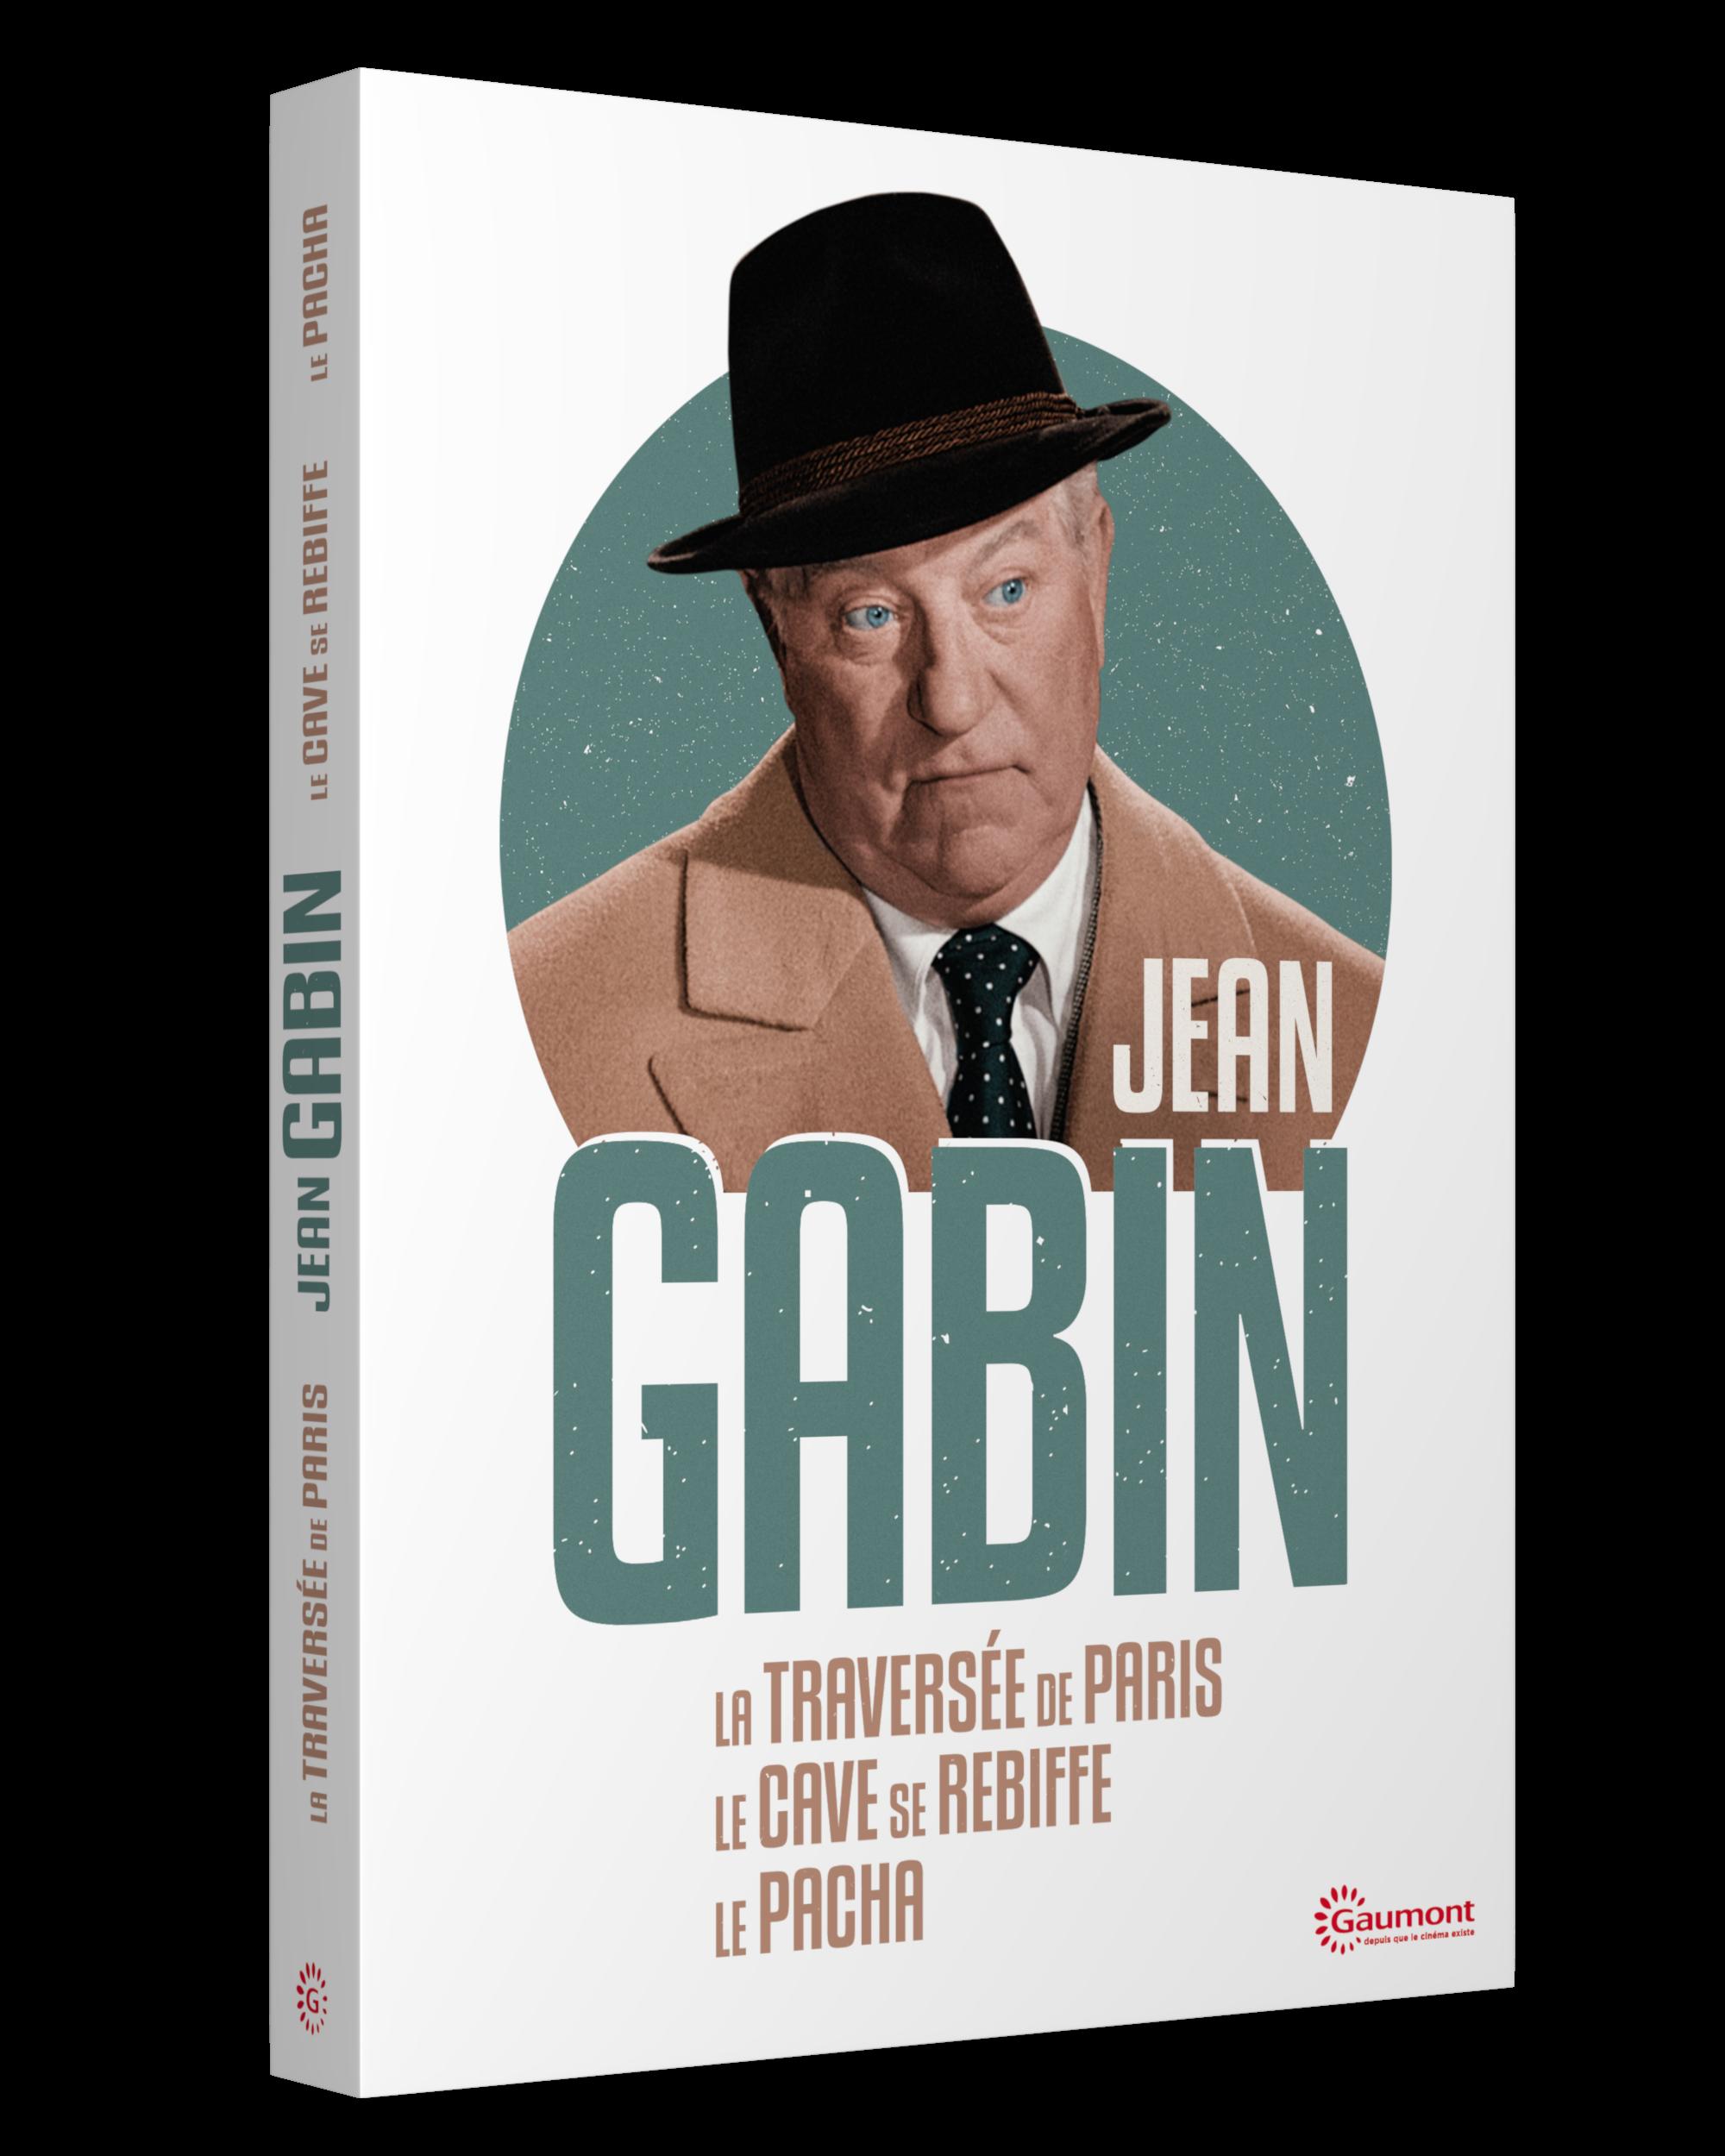 COFFRET JEAN GABIN